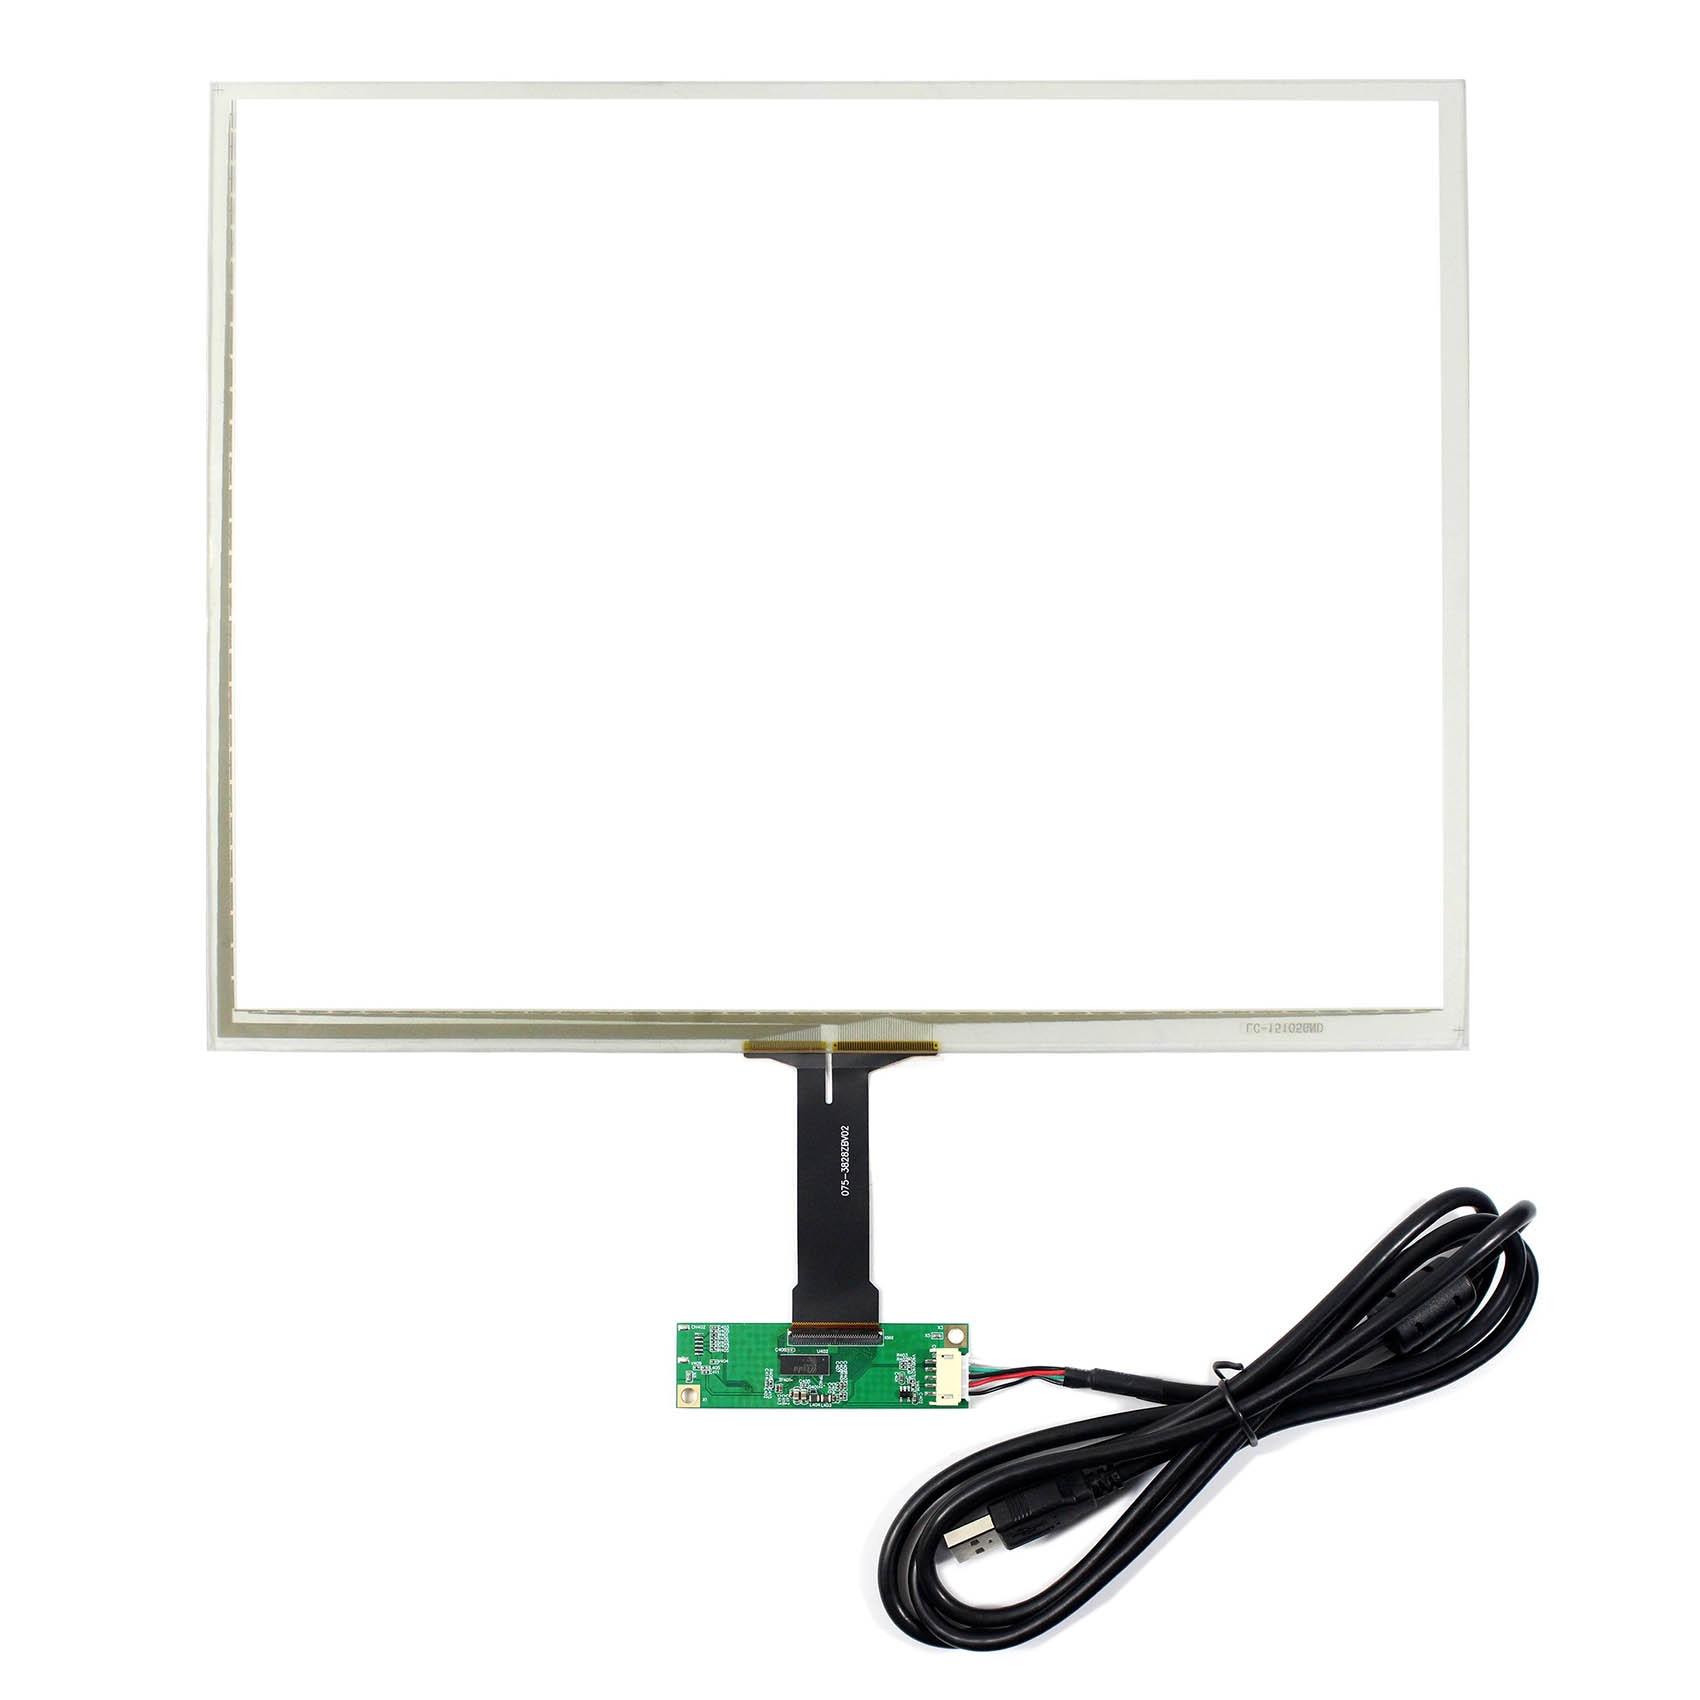 PüNktlich 15,1 kapazitive Touch Panel 15 Zoll Kompatibel Mit 15 Zoll 1024x768 1400x1050 4:3 Lcd Bildschirm Fabriken Und Minen Bildschirme Videospiele